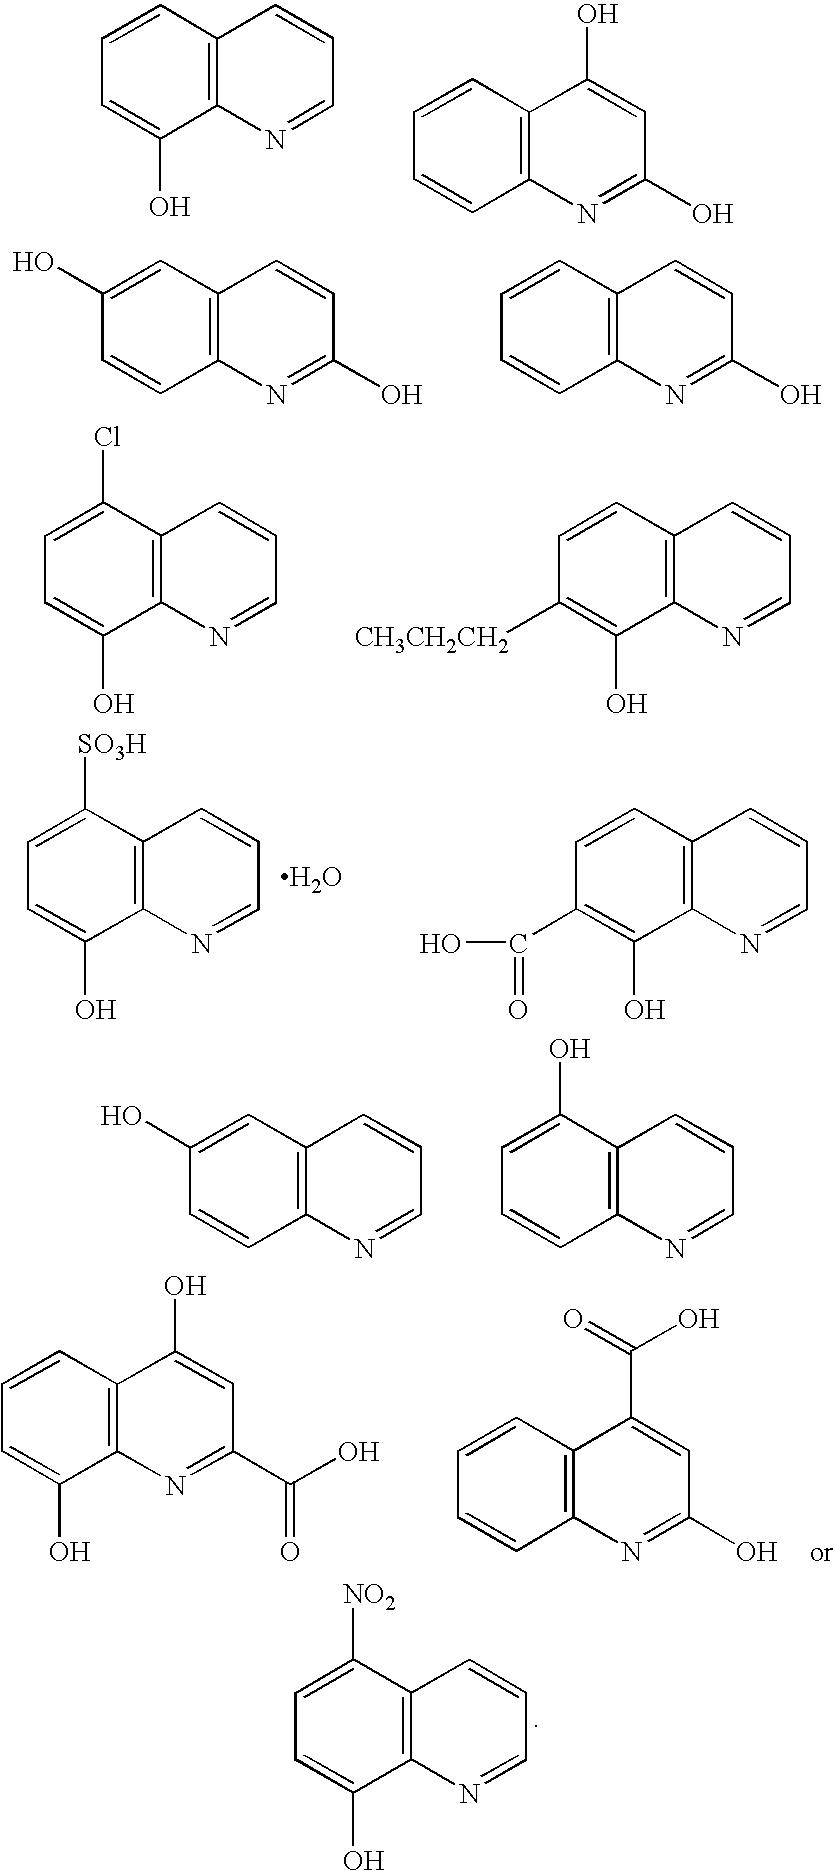 Figure US20090246662A1-20091001-C00017